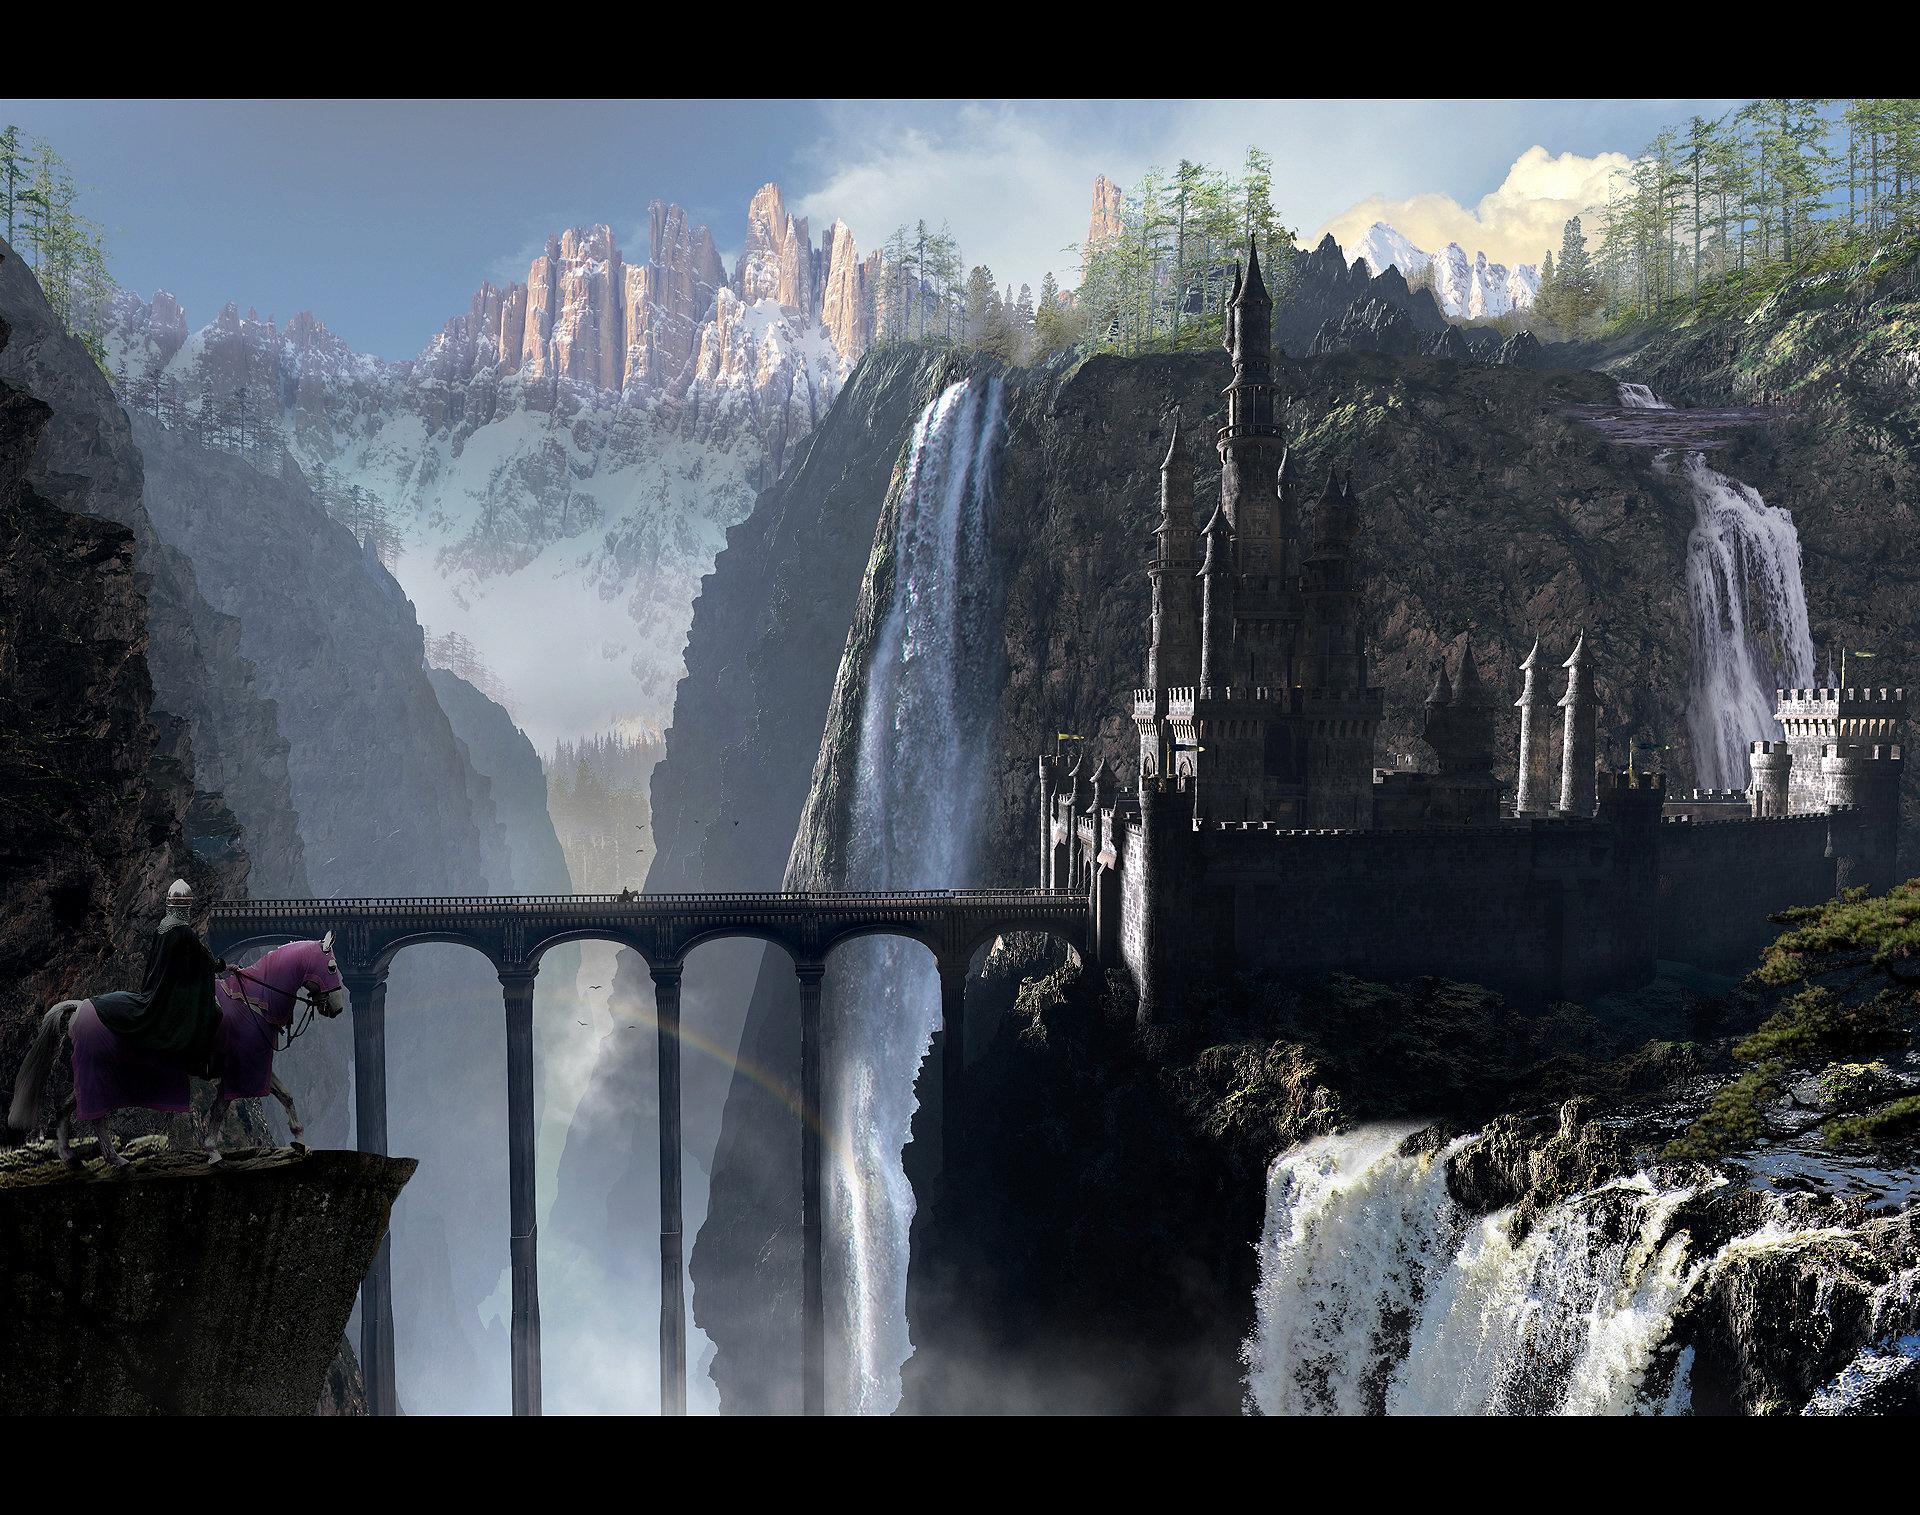 Scott richard tlg waterfall castle 1920 desktop by rich35211 d5u5rwv